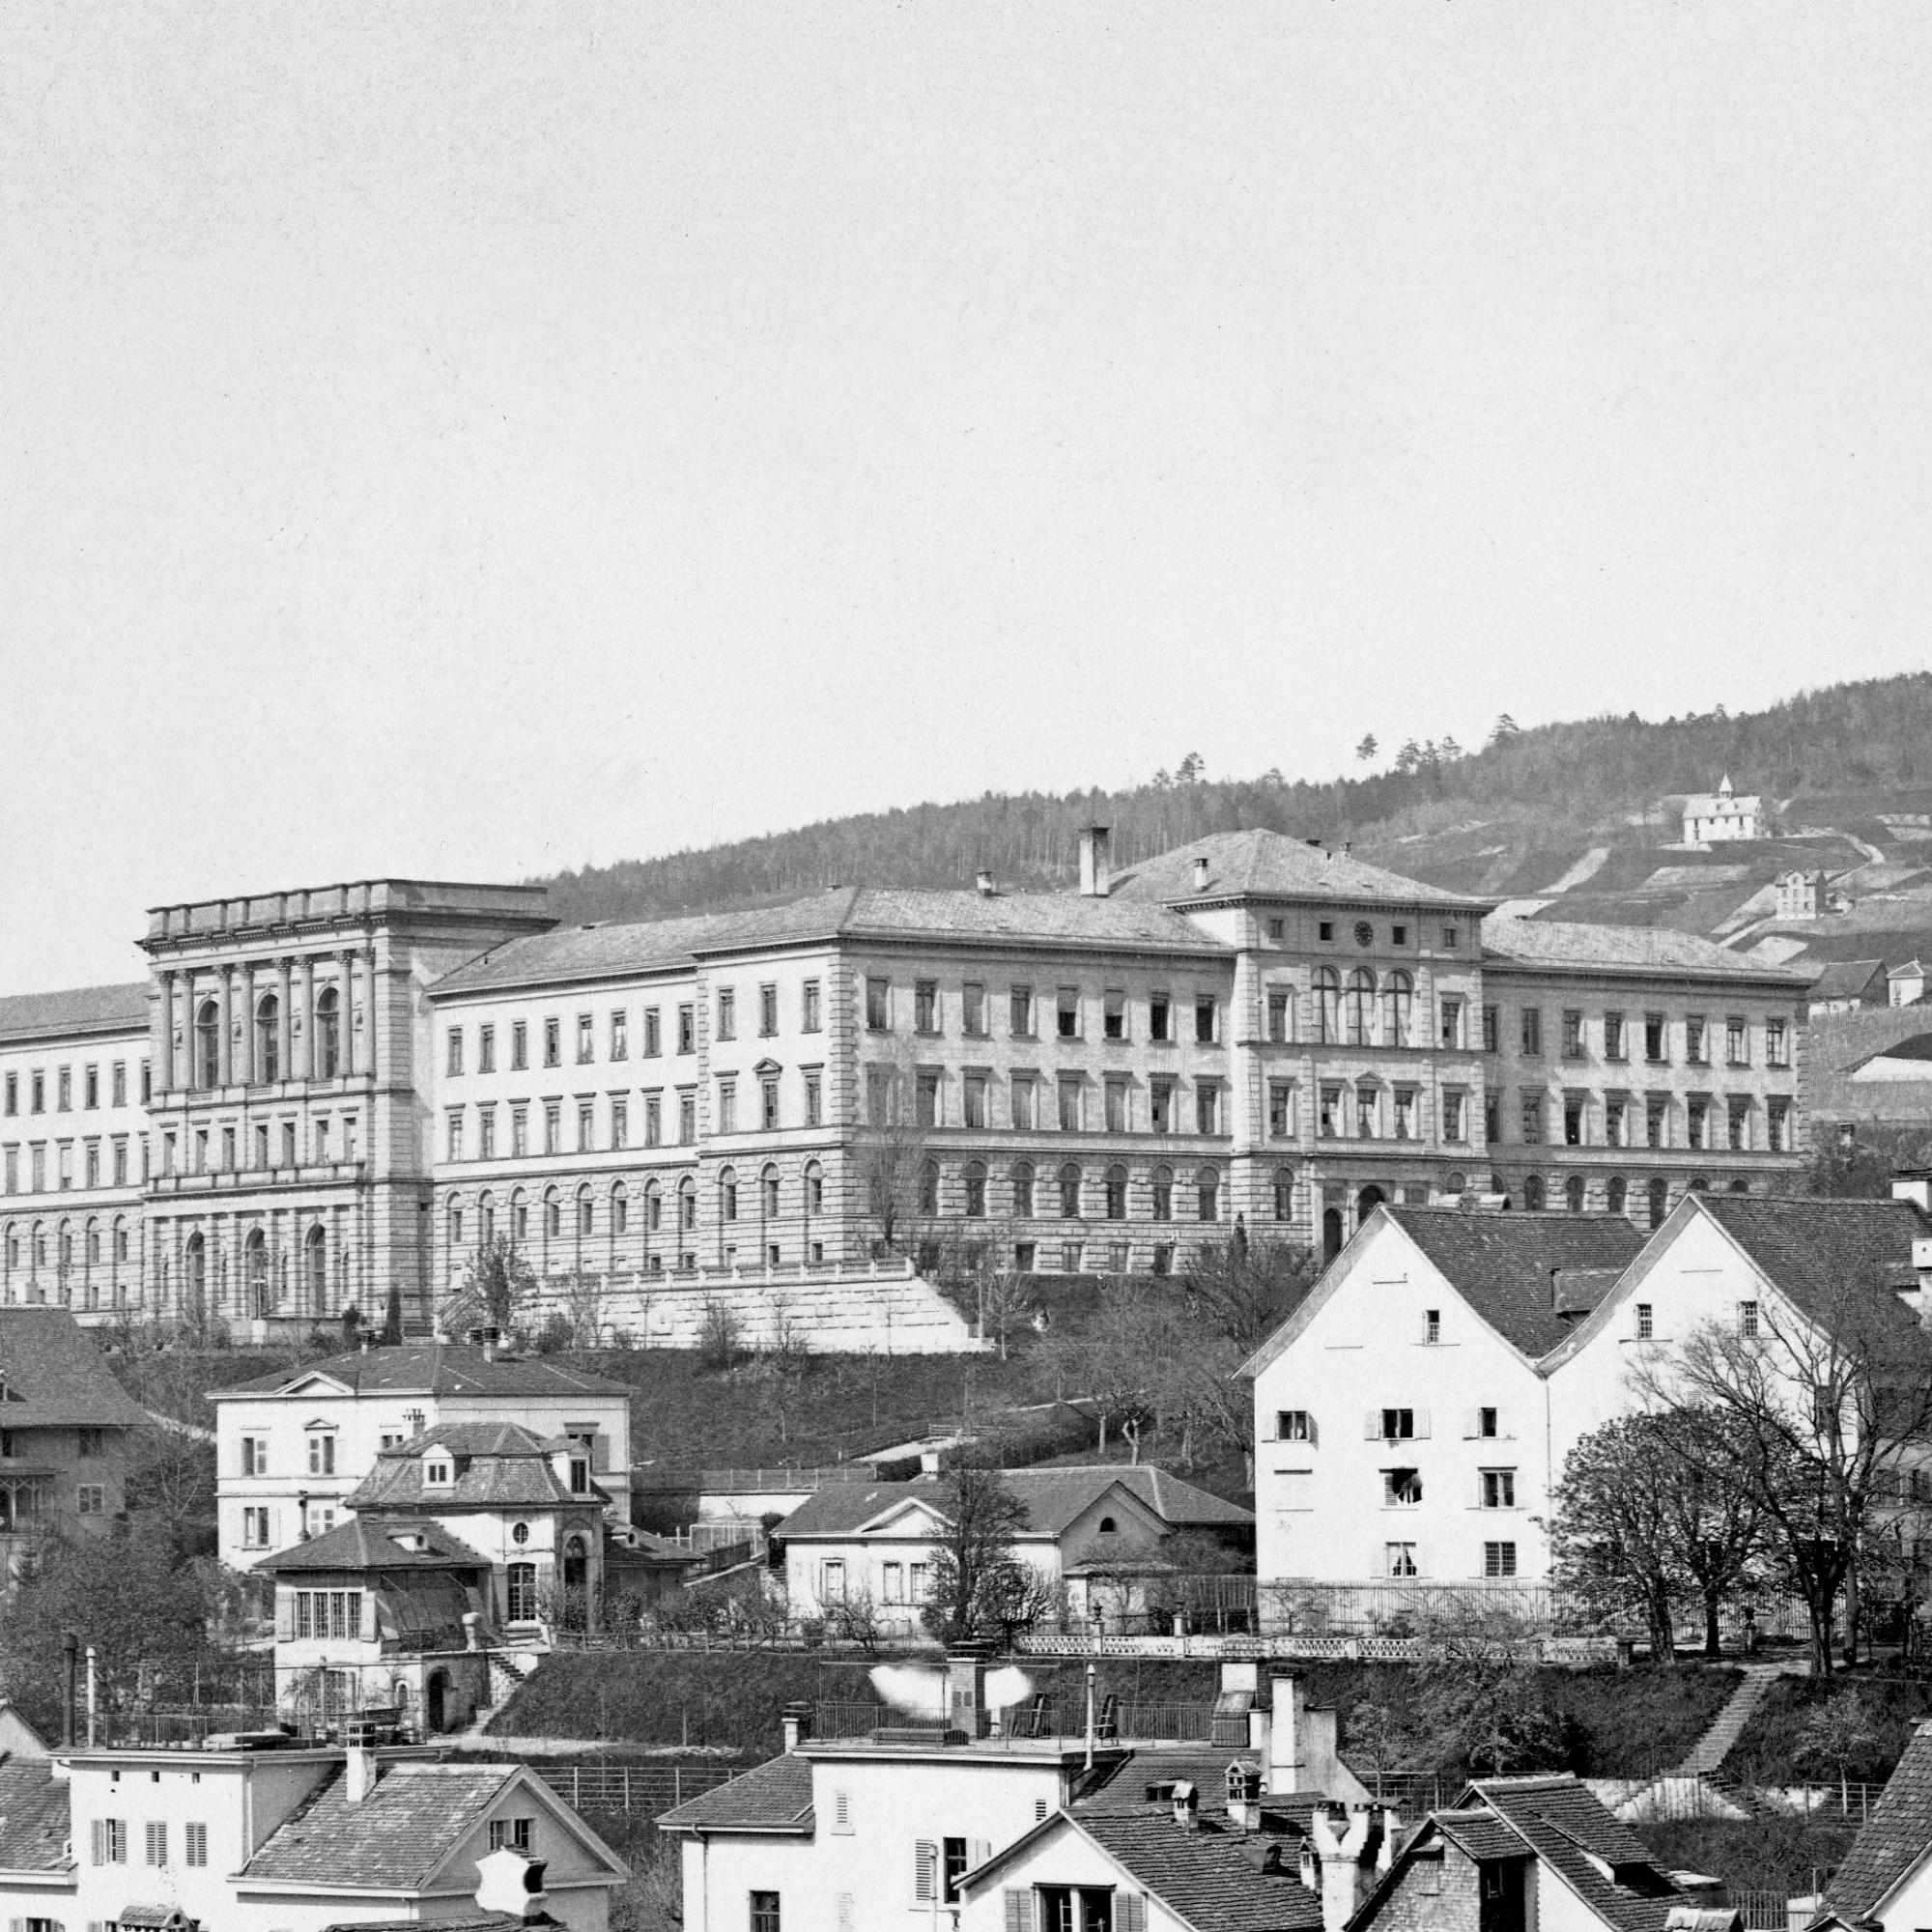 Das ETH Hauptgebäude wurde 1858 bis 1864 durch Gottfried Semper gebaut. Alfred Escher warmassgeblich daran beteiligt, dass das Polytechnikum in Zürich entstand. Aufnahme um 1880, vor dem Beginn der Umbauten durch Gustav Gull 1915 bis 1924, bei denen die